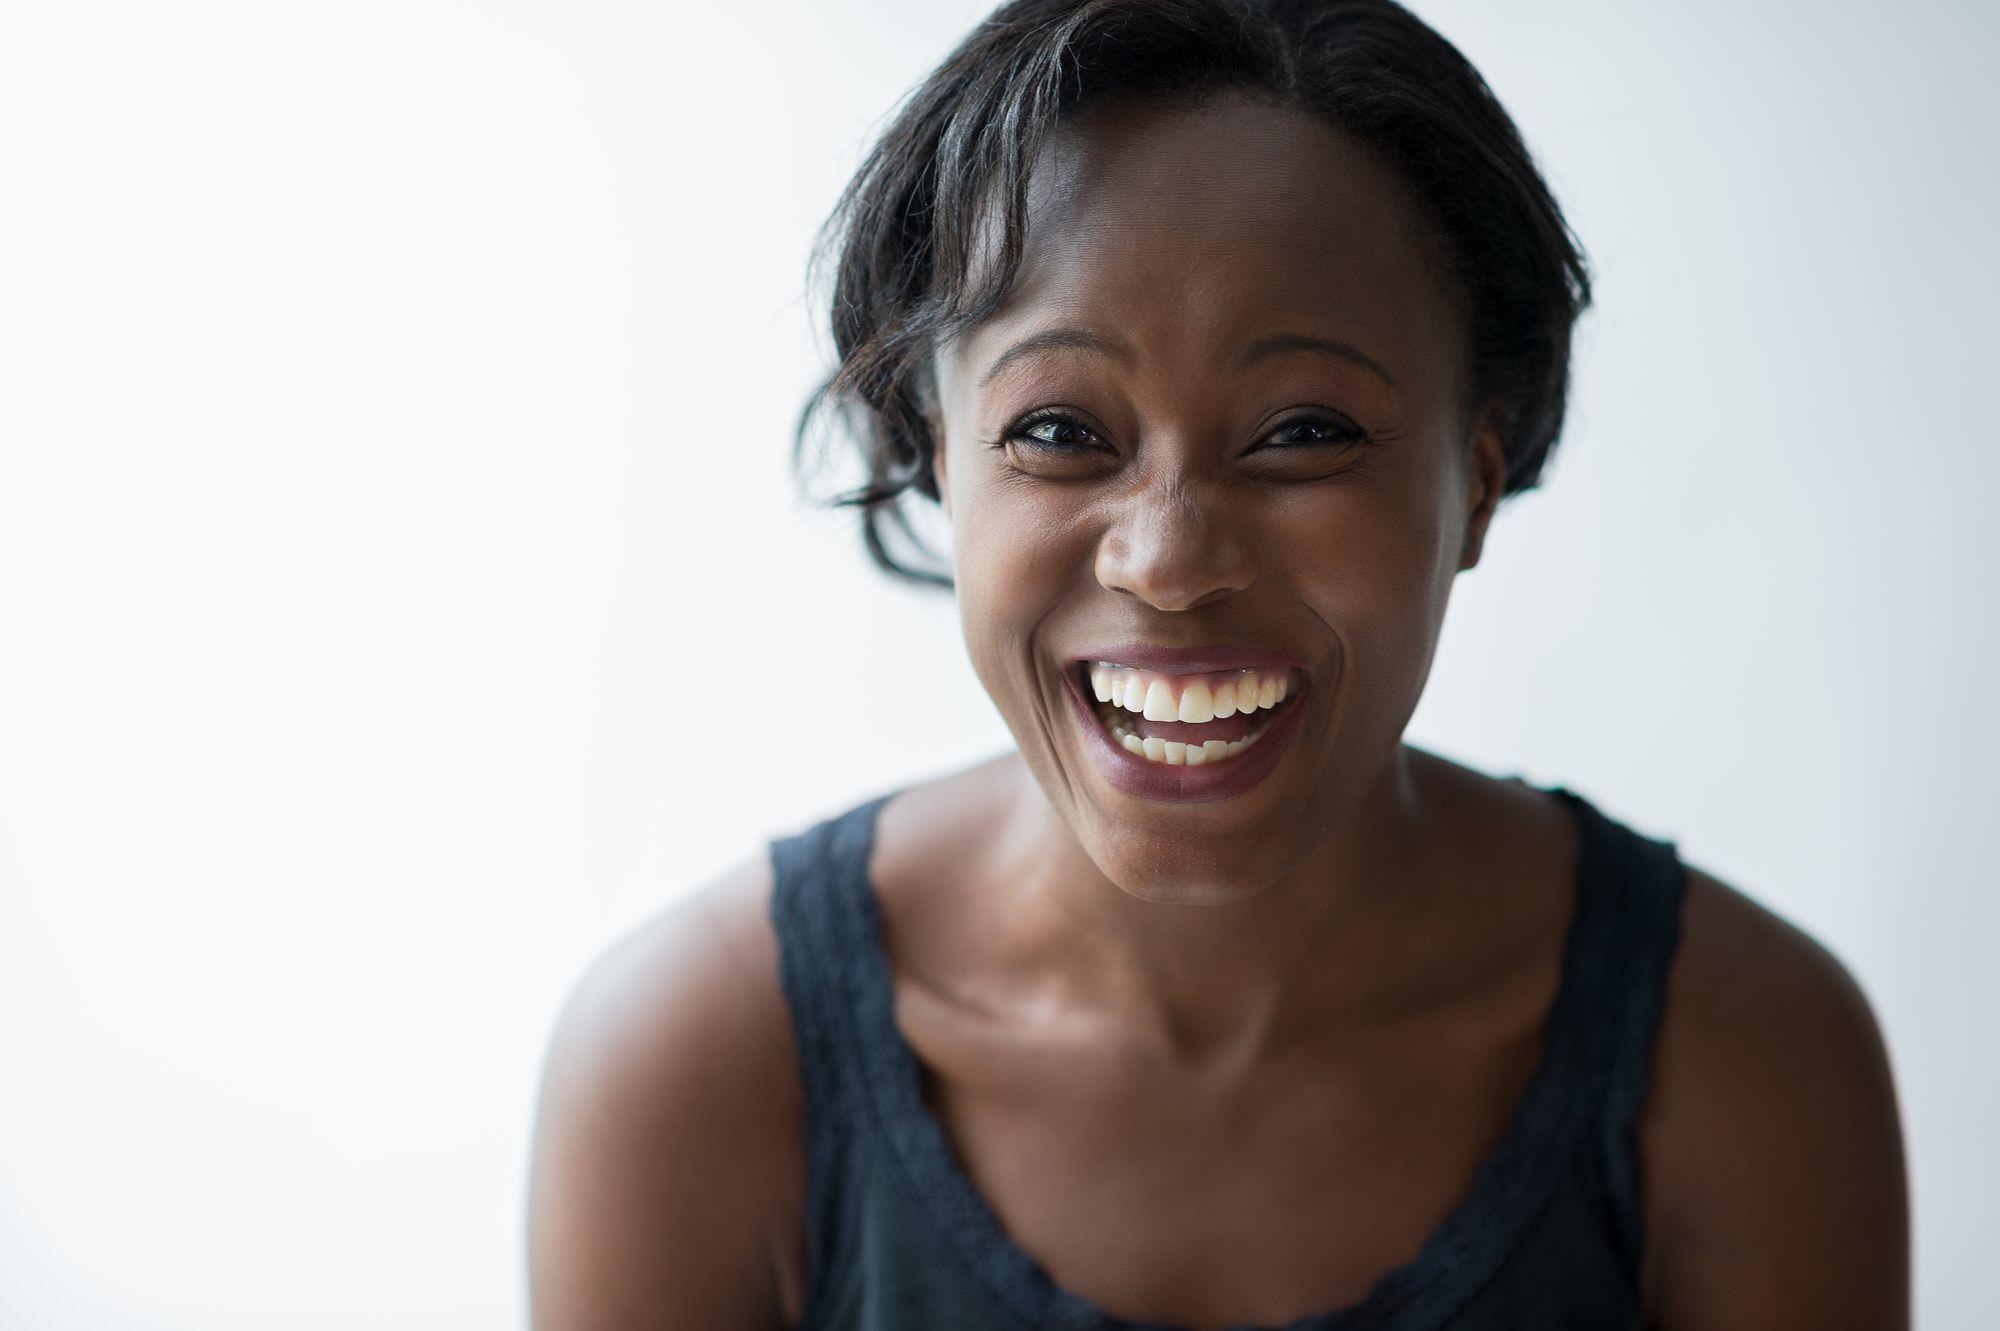 Légende : Une femme qui rit.